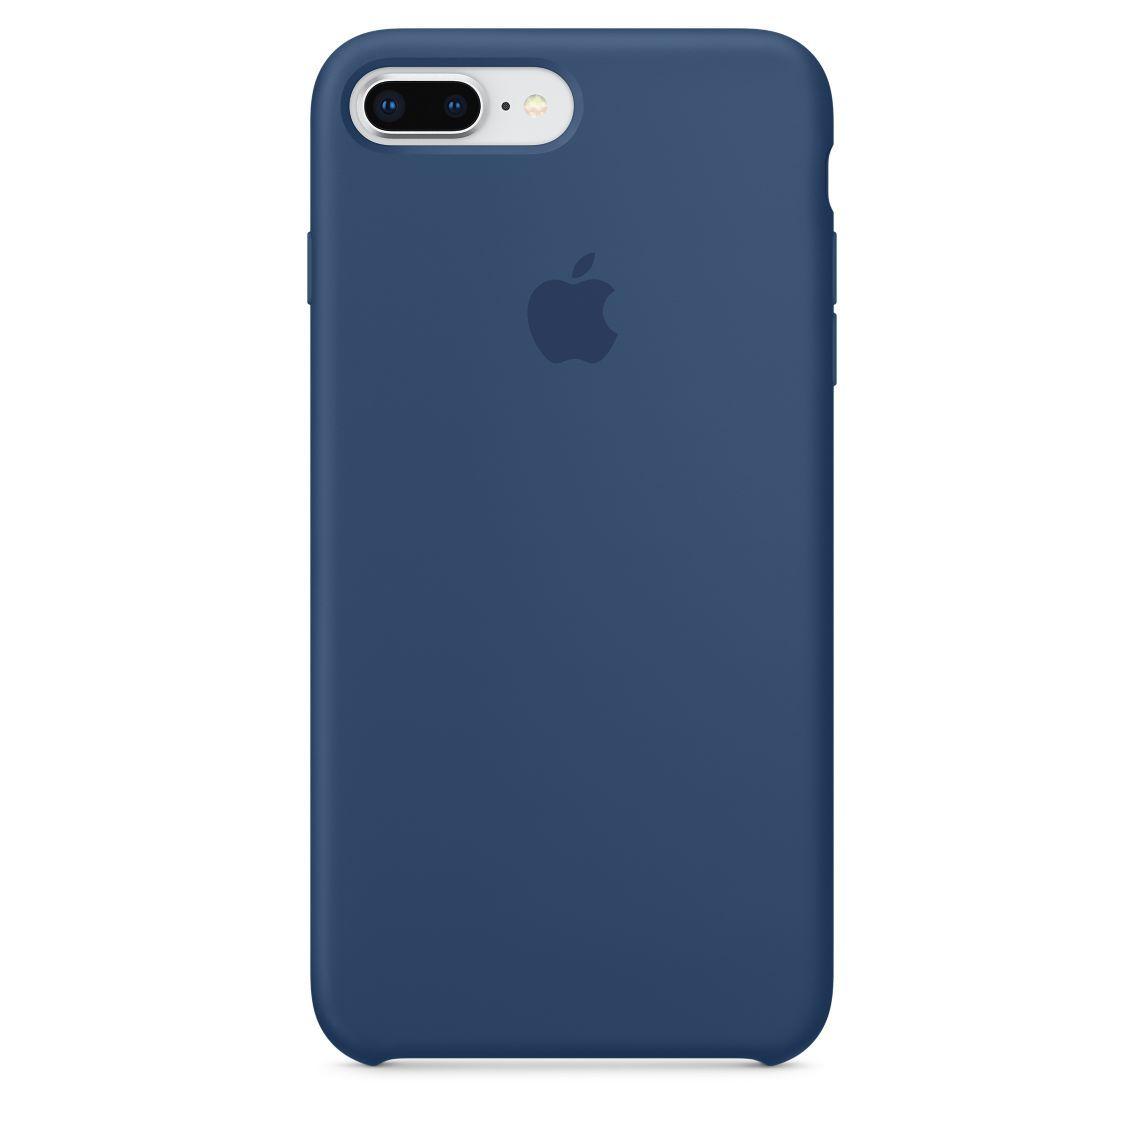 Iphone 8 Plus 7 Plus Silicone Case Dark Olive Apple Silicone Iphone Cases Black Iphone Cases Iphone